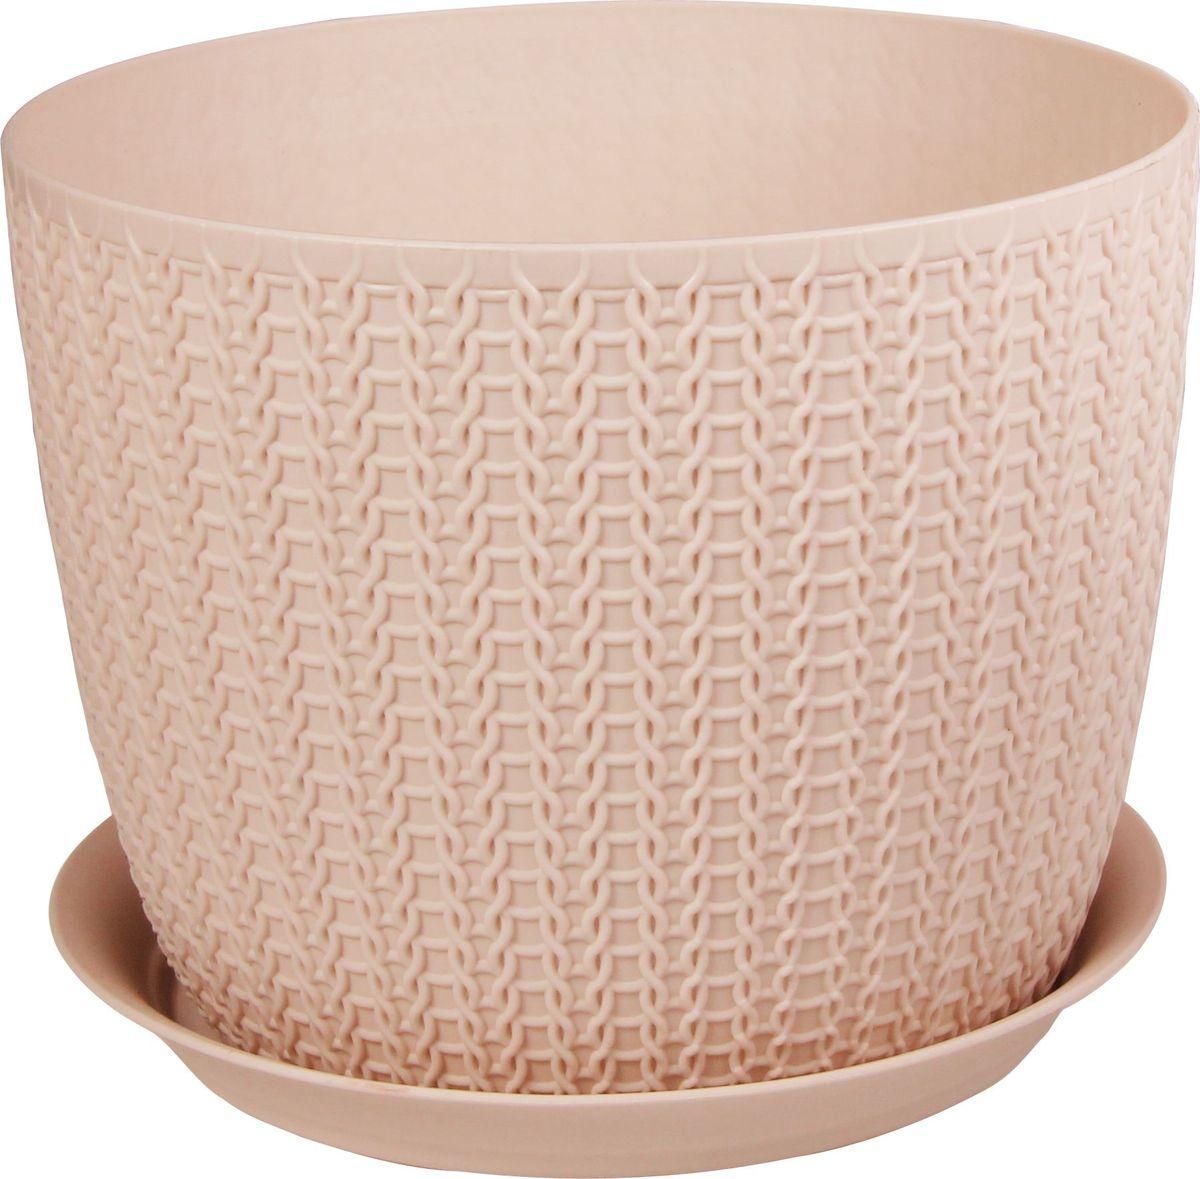 Кашпо Idea Вязание, с поддоном, цвет: чайная роза1,9 л, диаметр 15,5 см. М 3120М 3120_чайная роза